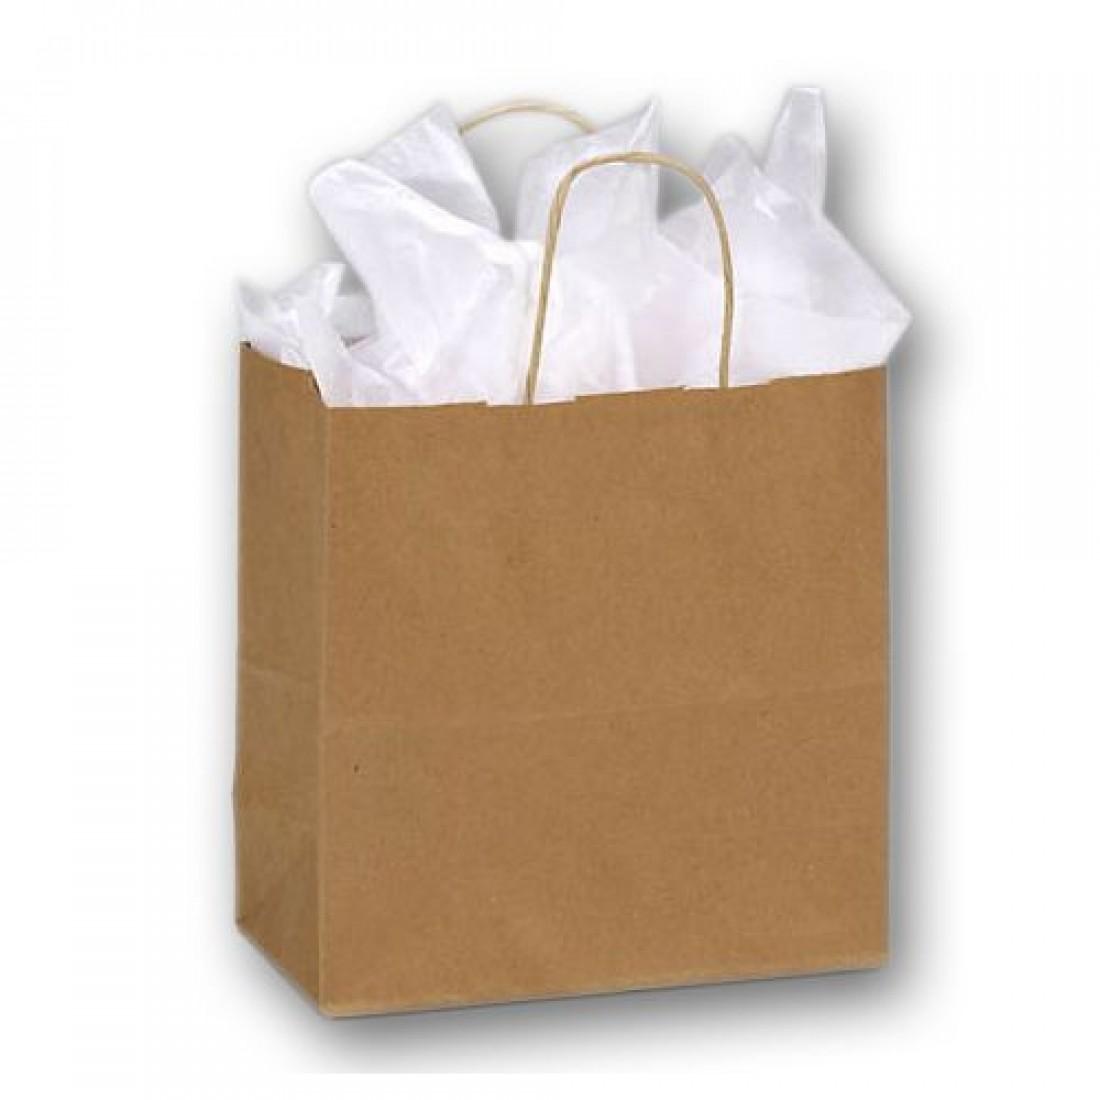 Kraft Paper Bag 10x5x10 1/2